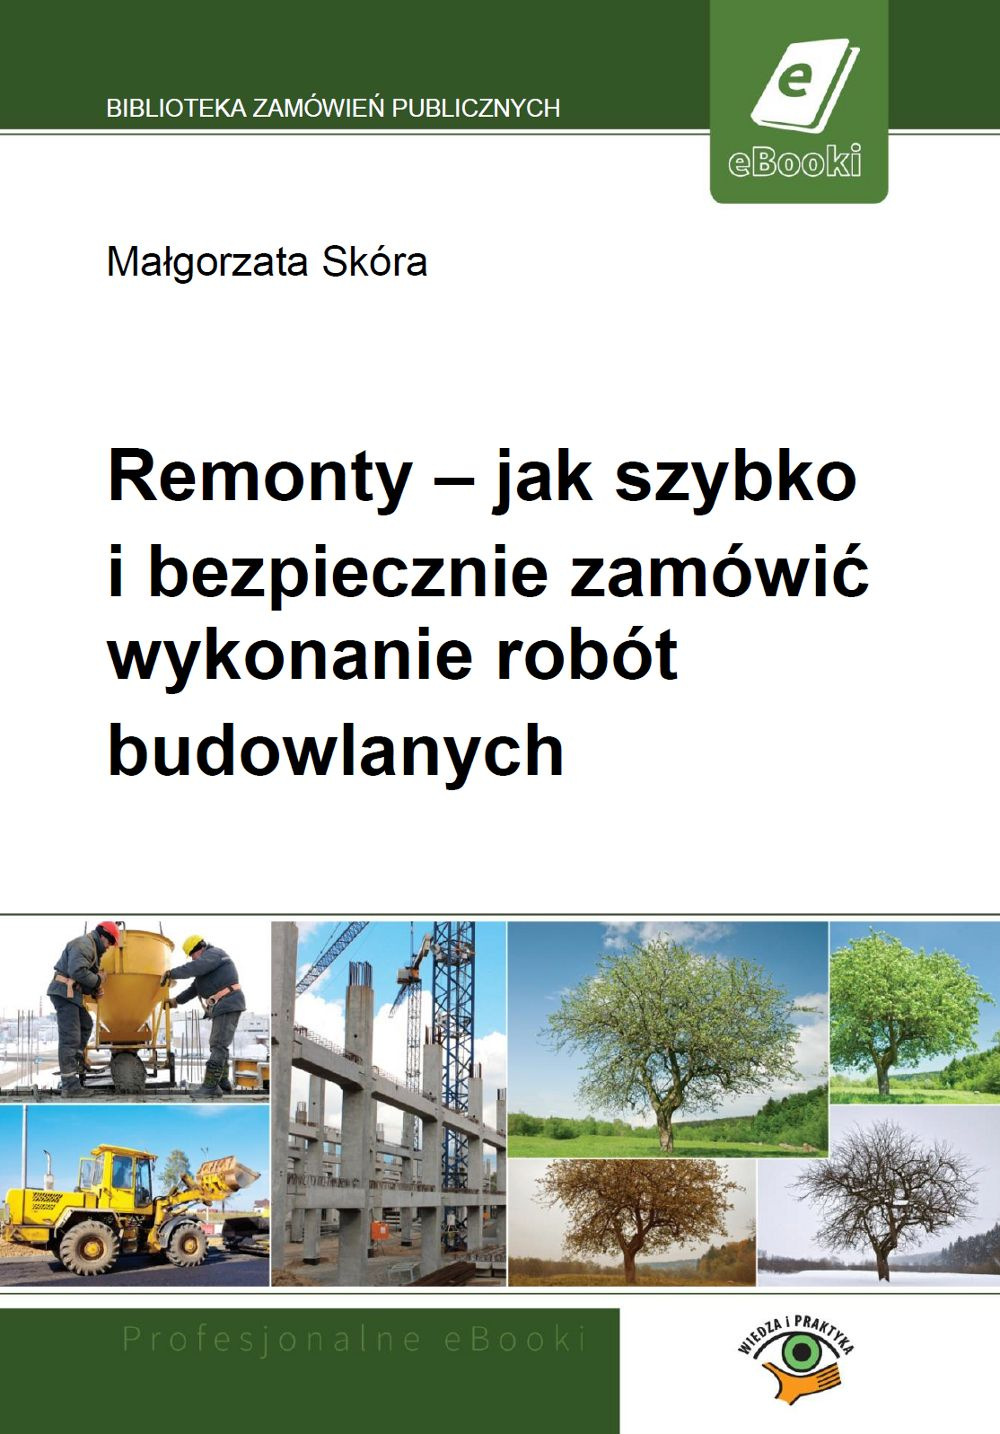 Remonty – jak szybko i bezpiecznie zamówić wykonanie robót budowlanych - Ebook (Książka PDF) do pobrania w formacie PDF